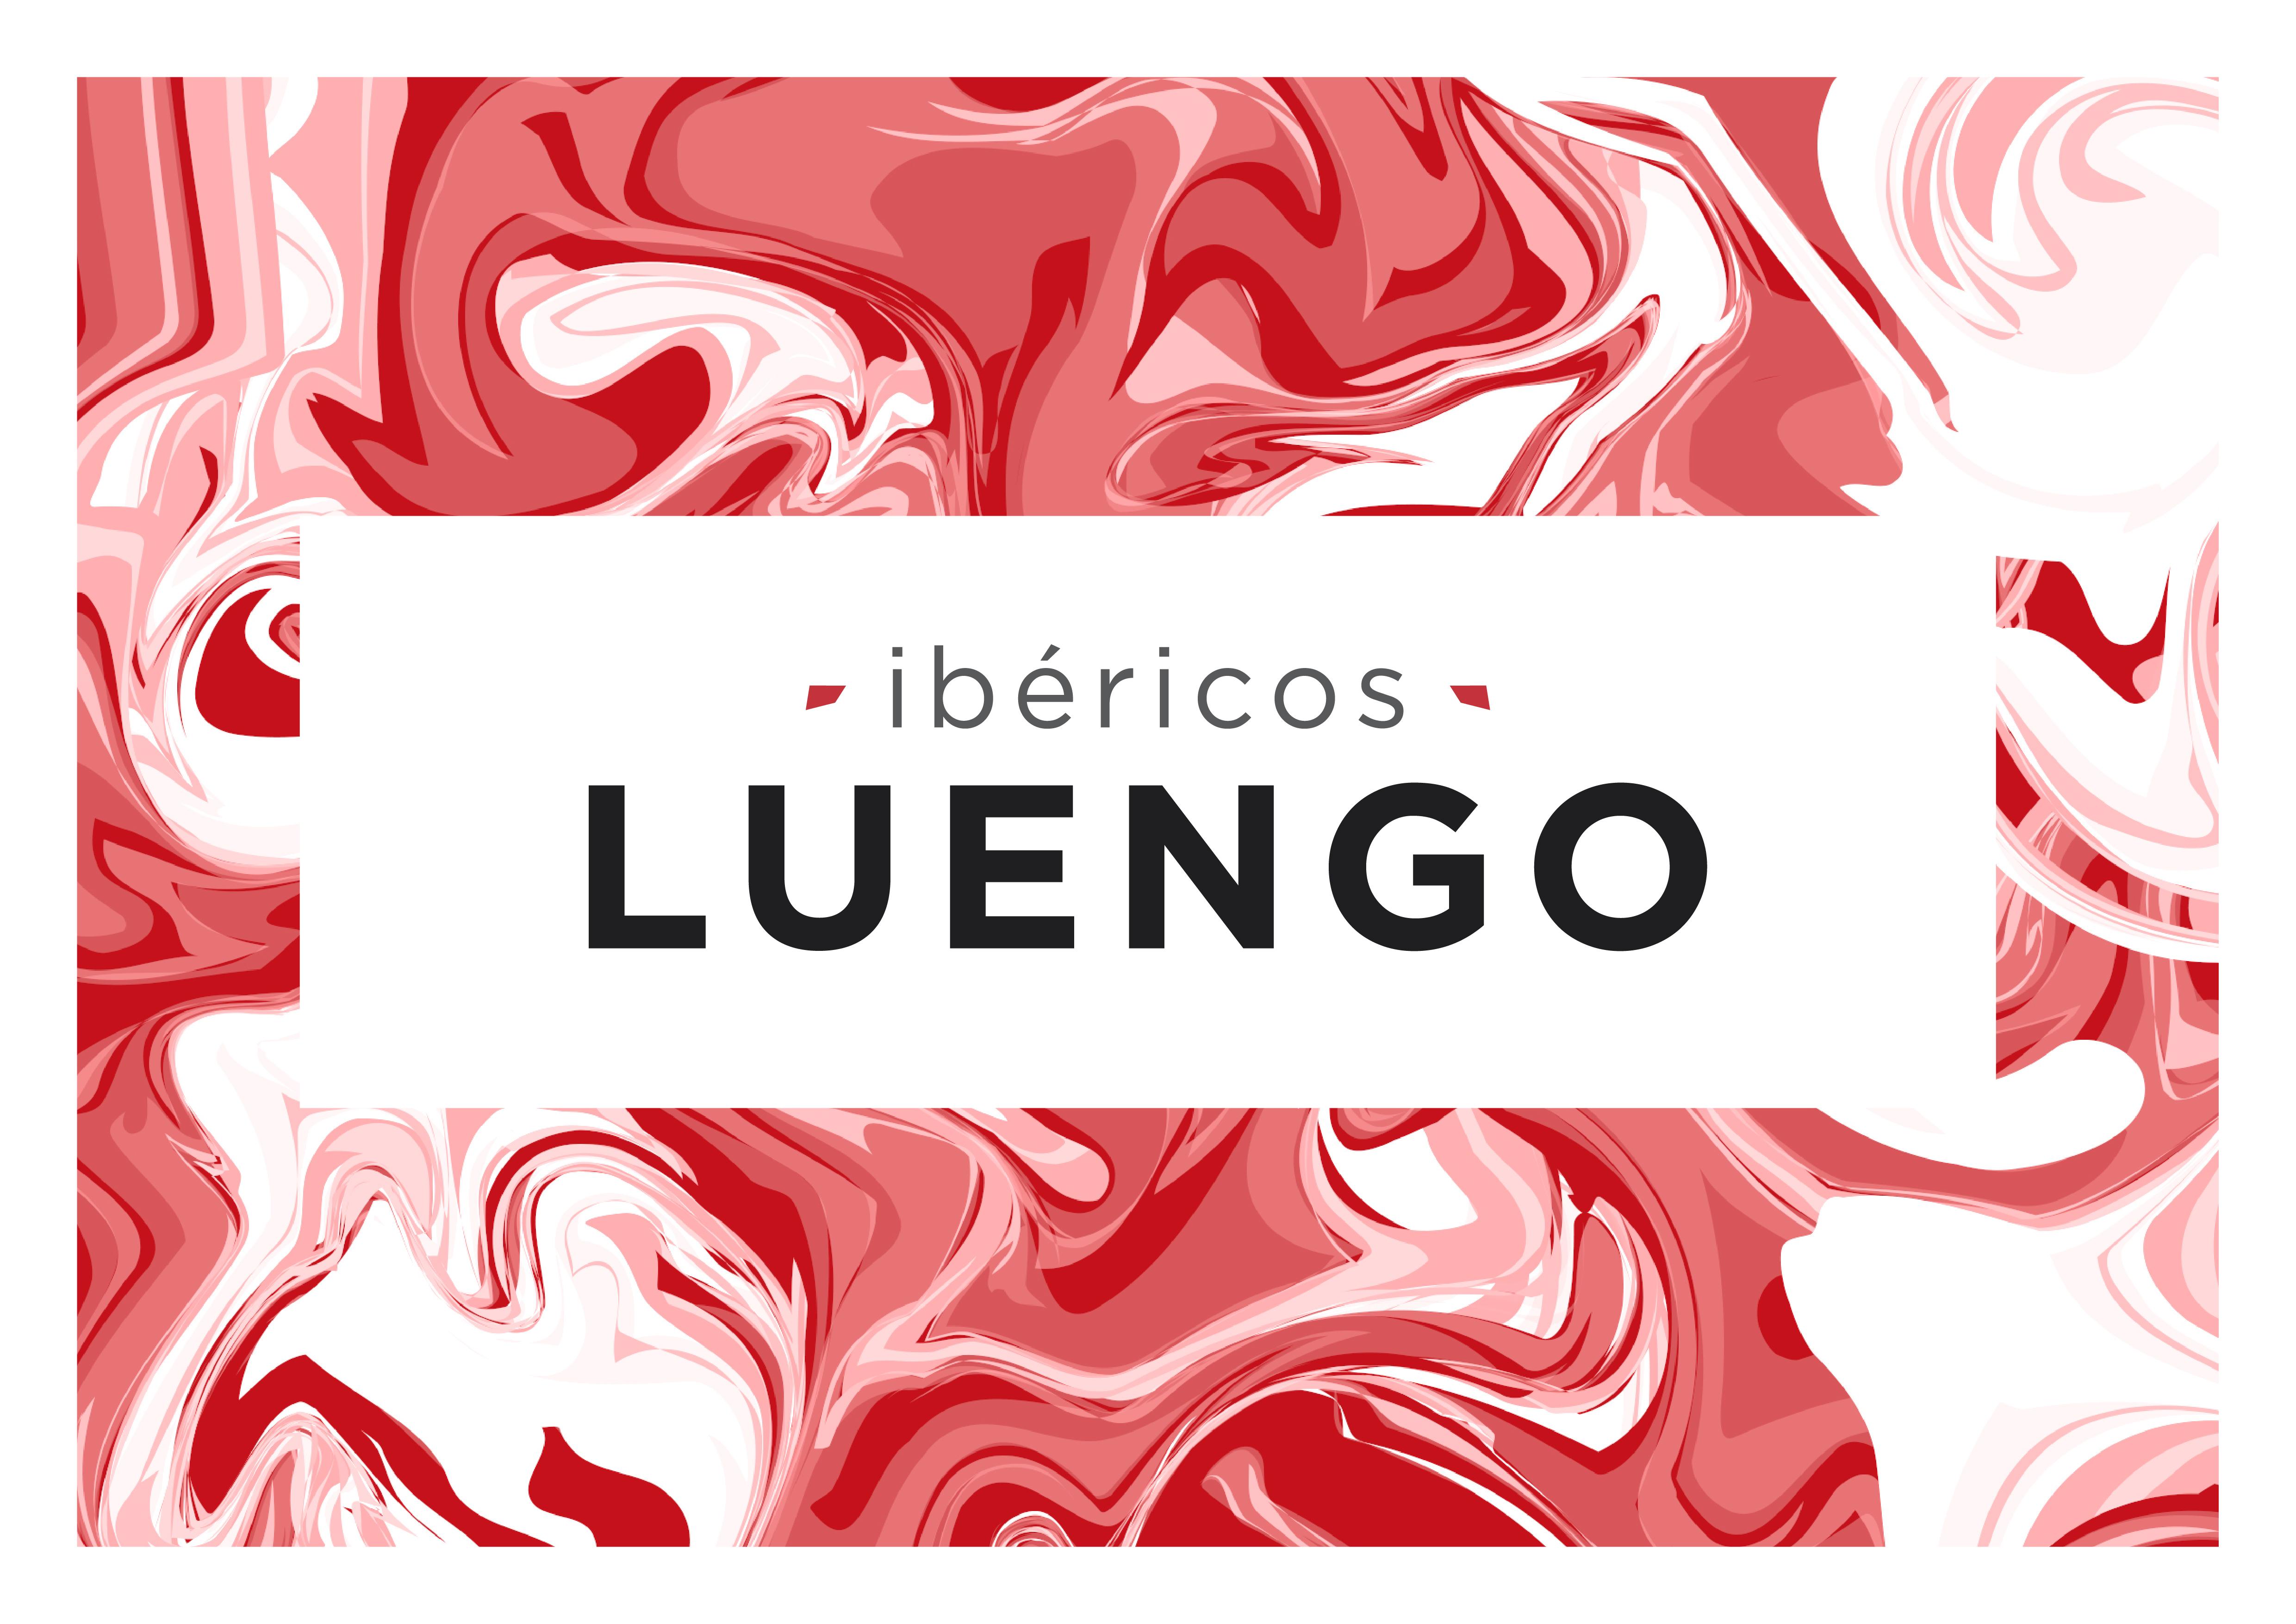 Ibericos Luengo S.L.